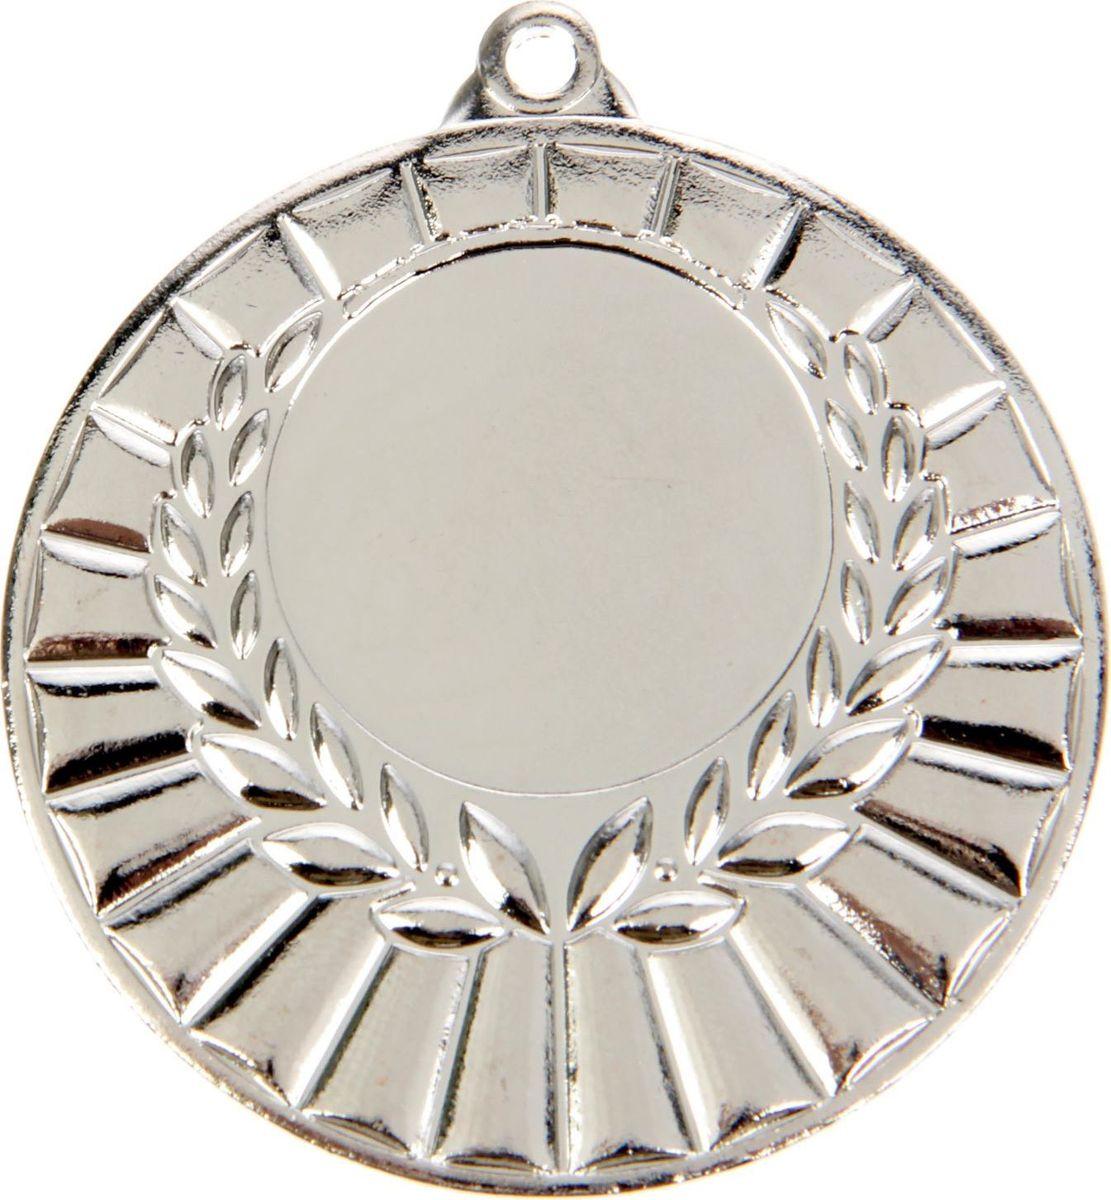 Медаль сувенирная с местом для гравировки, цвет: серебристый, диаметр 5 см. 0471387710Пусть любая победа будет отмечена соответствующей наградой! Медаль — знак отличия, которым награждают самых достойных. Она вручается лишь тем, кто проявил настойчивость и волю к победе. Каждое достижение — это важное событие, которое должно остаться в памяти на долгие годы. изготовлена из металла, в комплект входит лента цвета триколор, являющегося одним из государственных символов России. Характеристики: Диаметр медали: 5 см Диаметр вкладыша (лицо): 2,5 см Диаметр вкладыша (оборот): 4,5 см